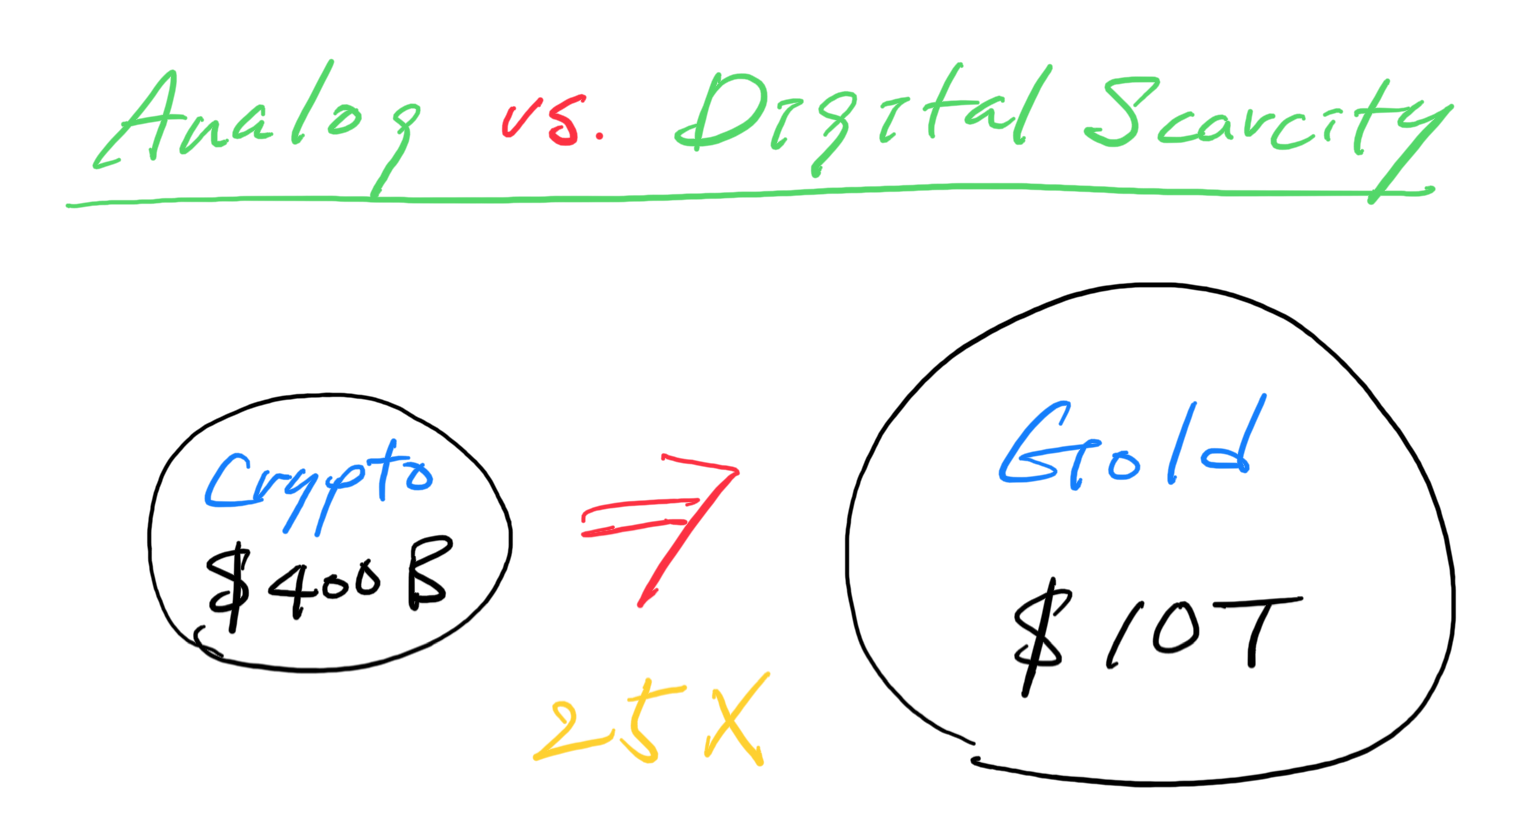 Analog vs. Digital Scarcity